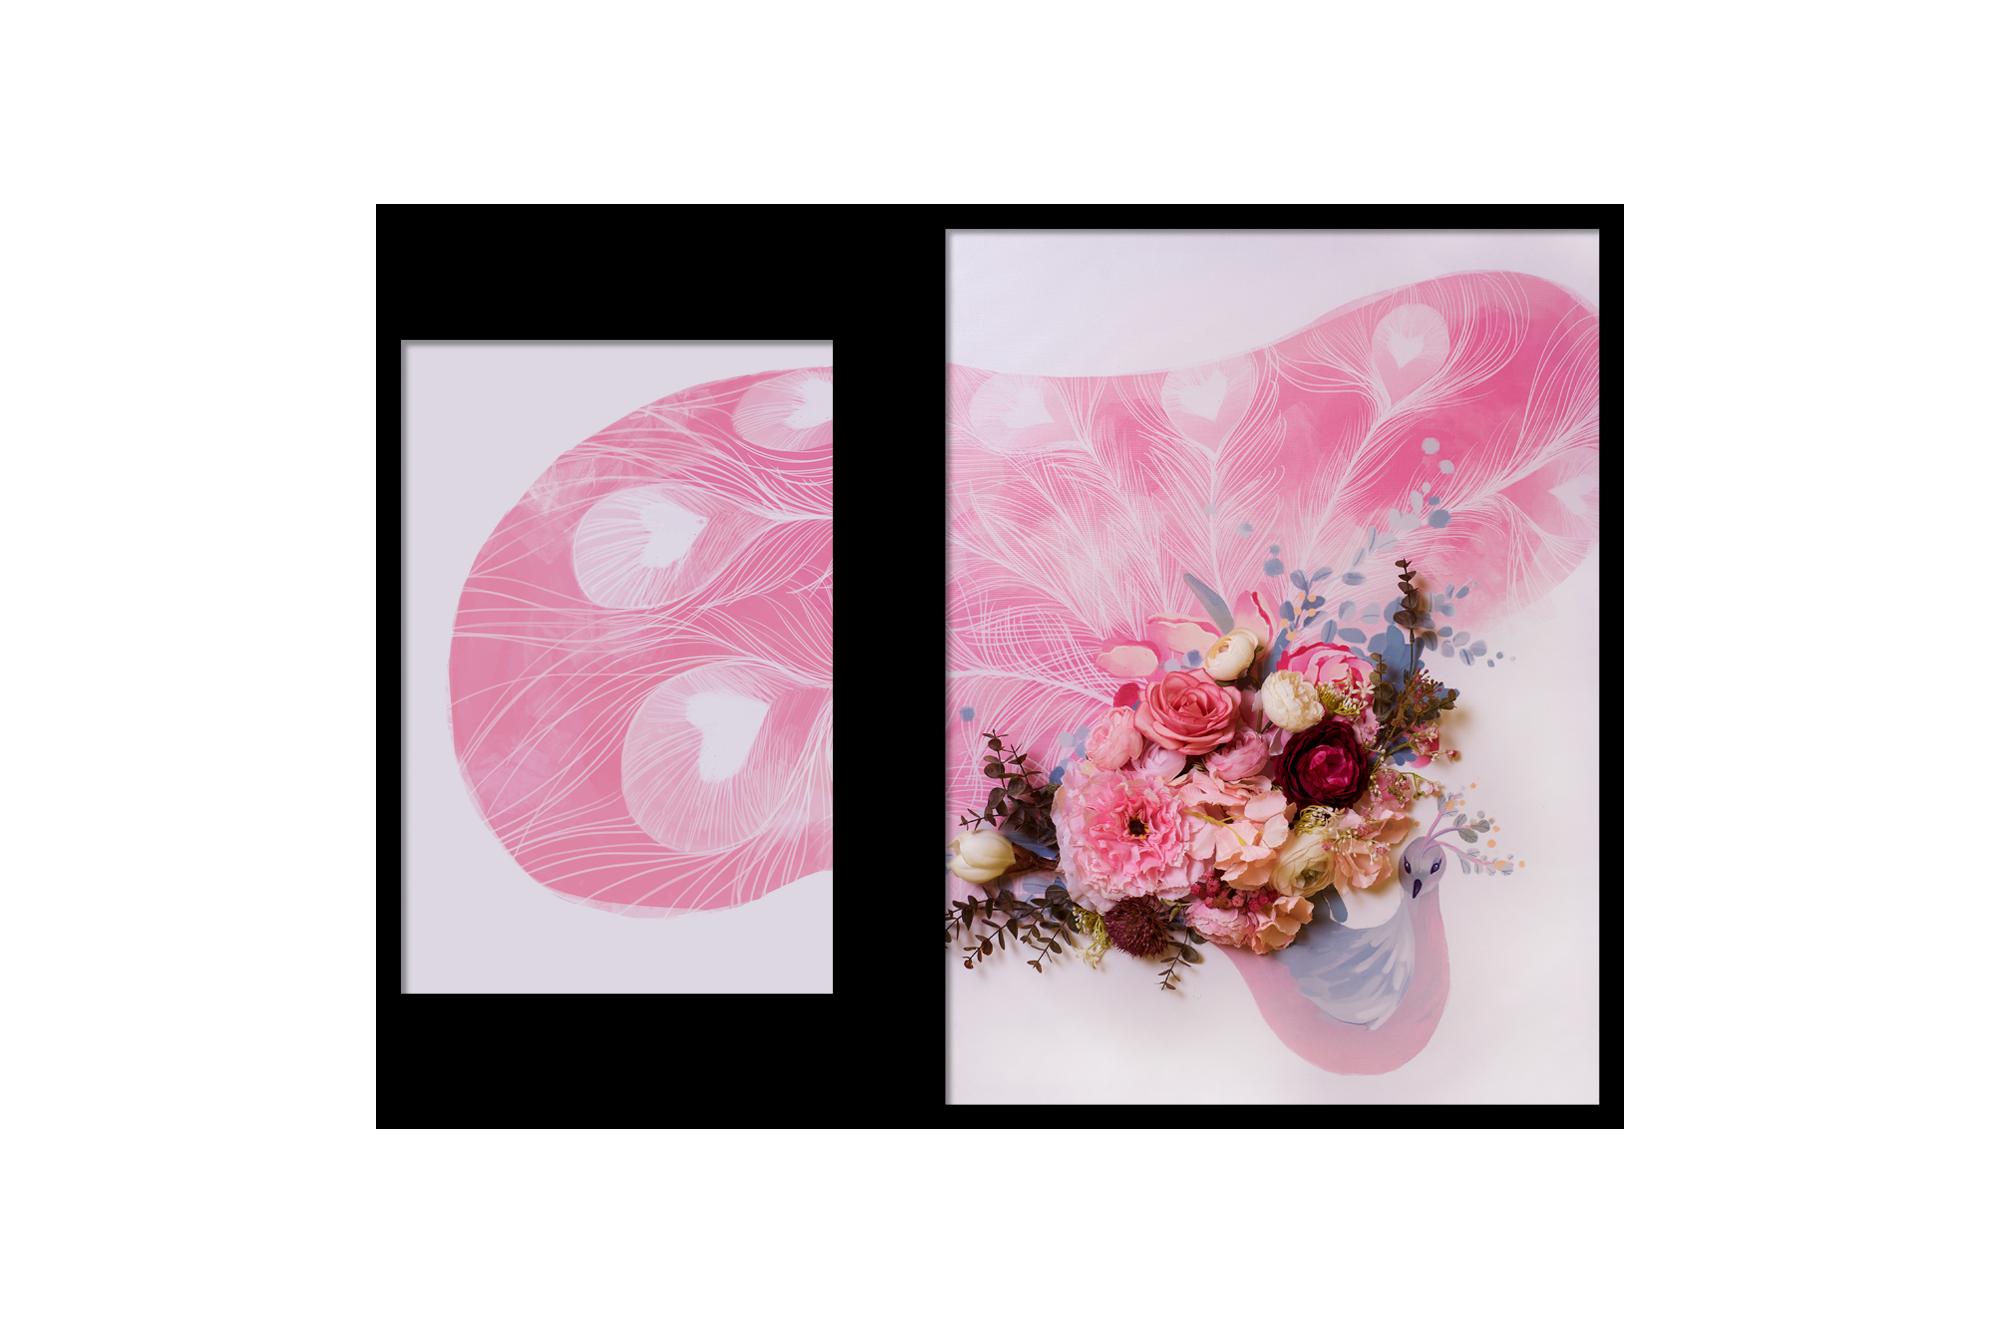 Tranh gắn hoa lụa Spirited Forest 04